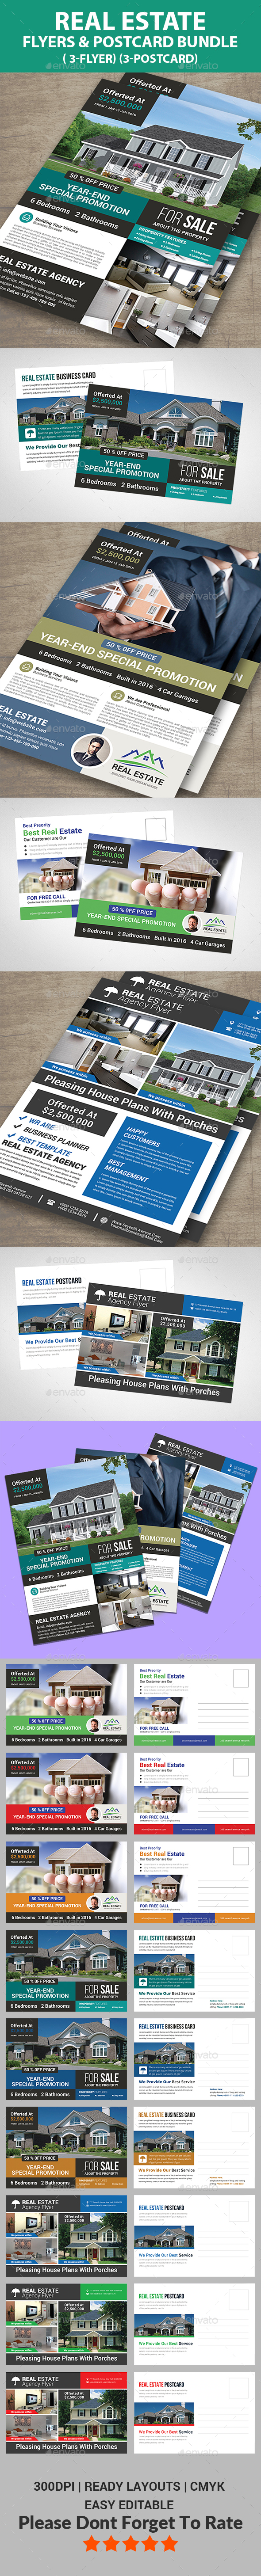 Real Estate Flyer & Post Card Bundle